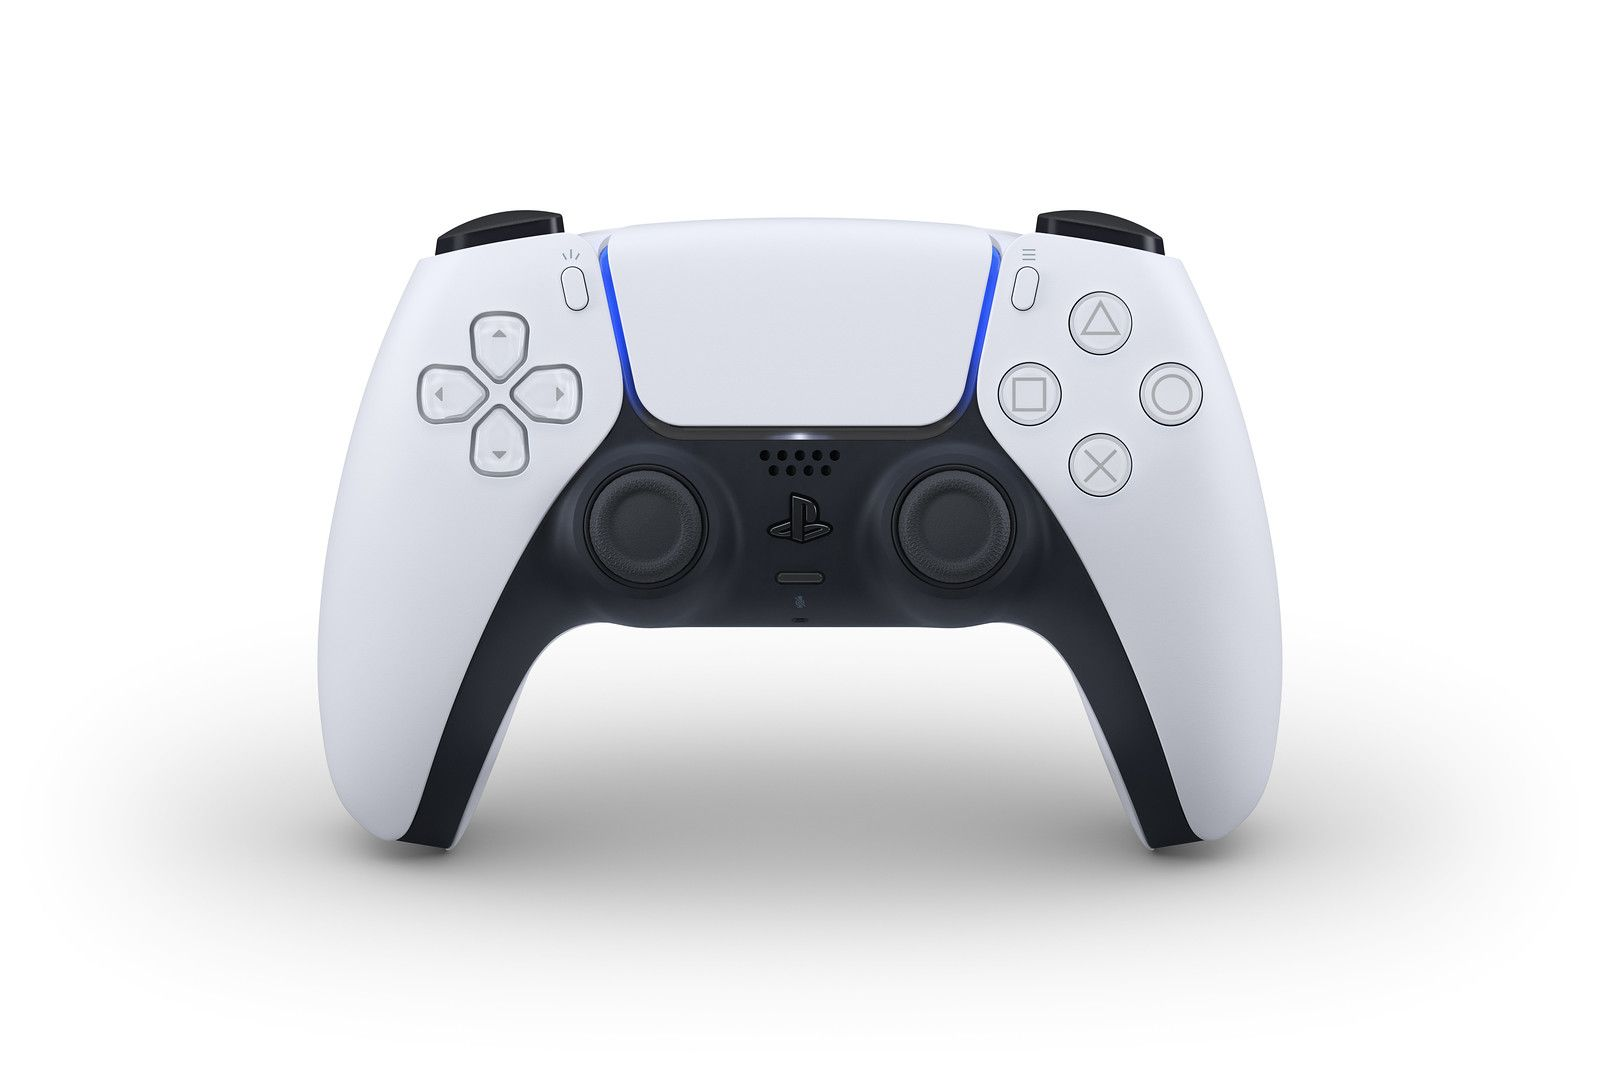 Pozri si, ako vyzerá nový ovládač k PlayStation 5. Sony sľubuje lepší zážitok hry aj väčšiu výdrž baterky